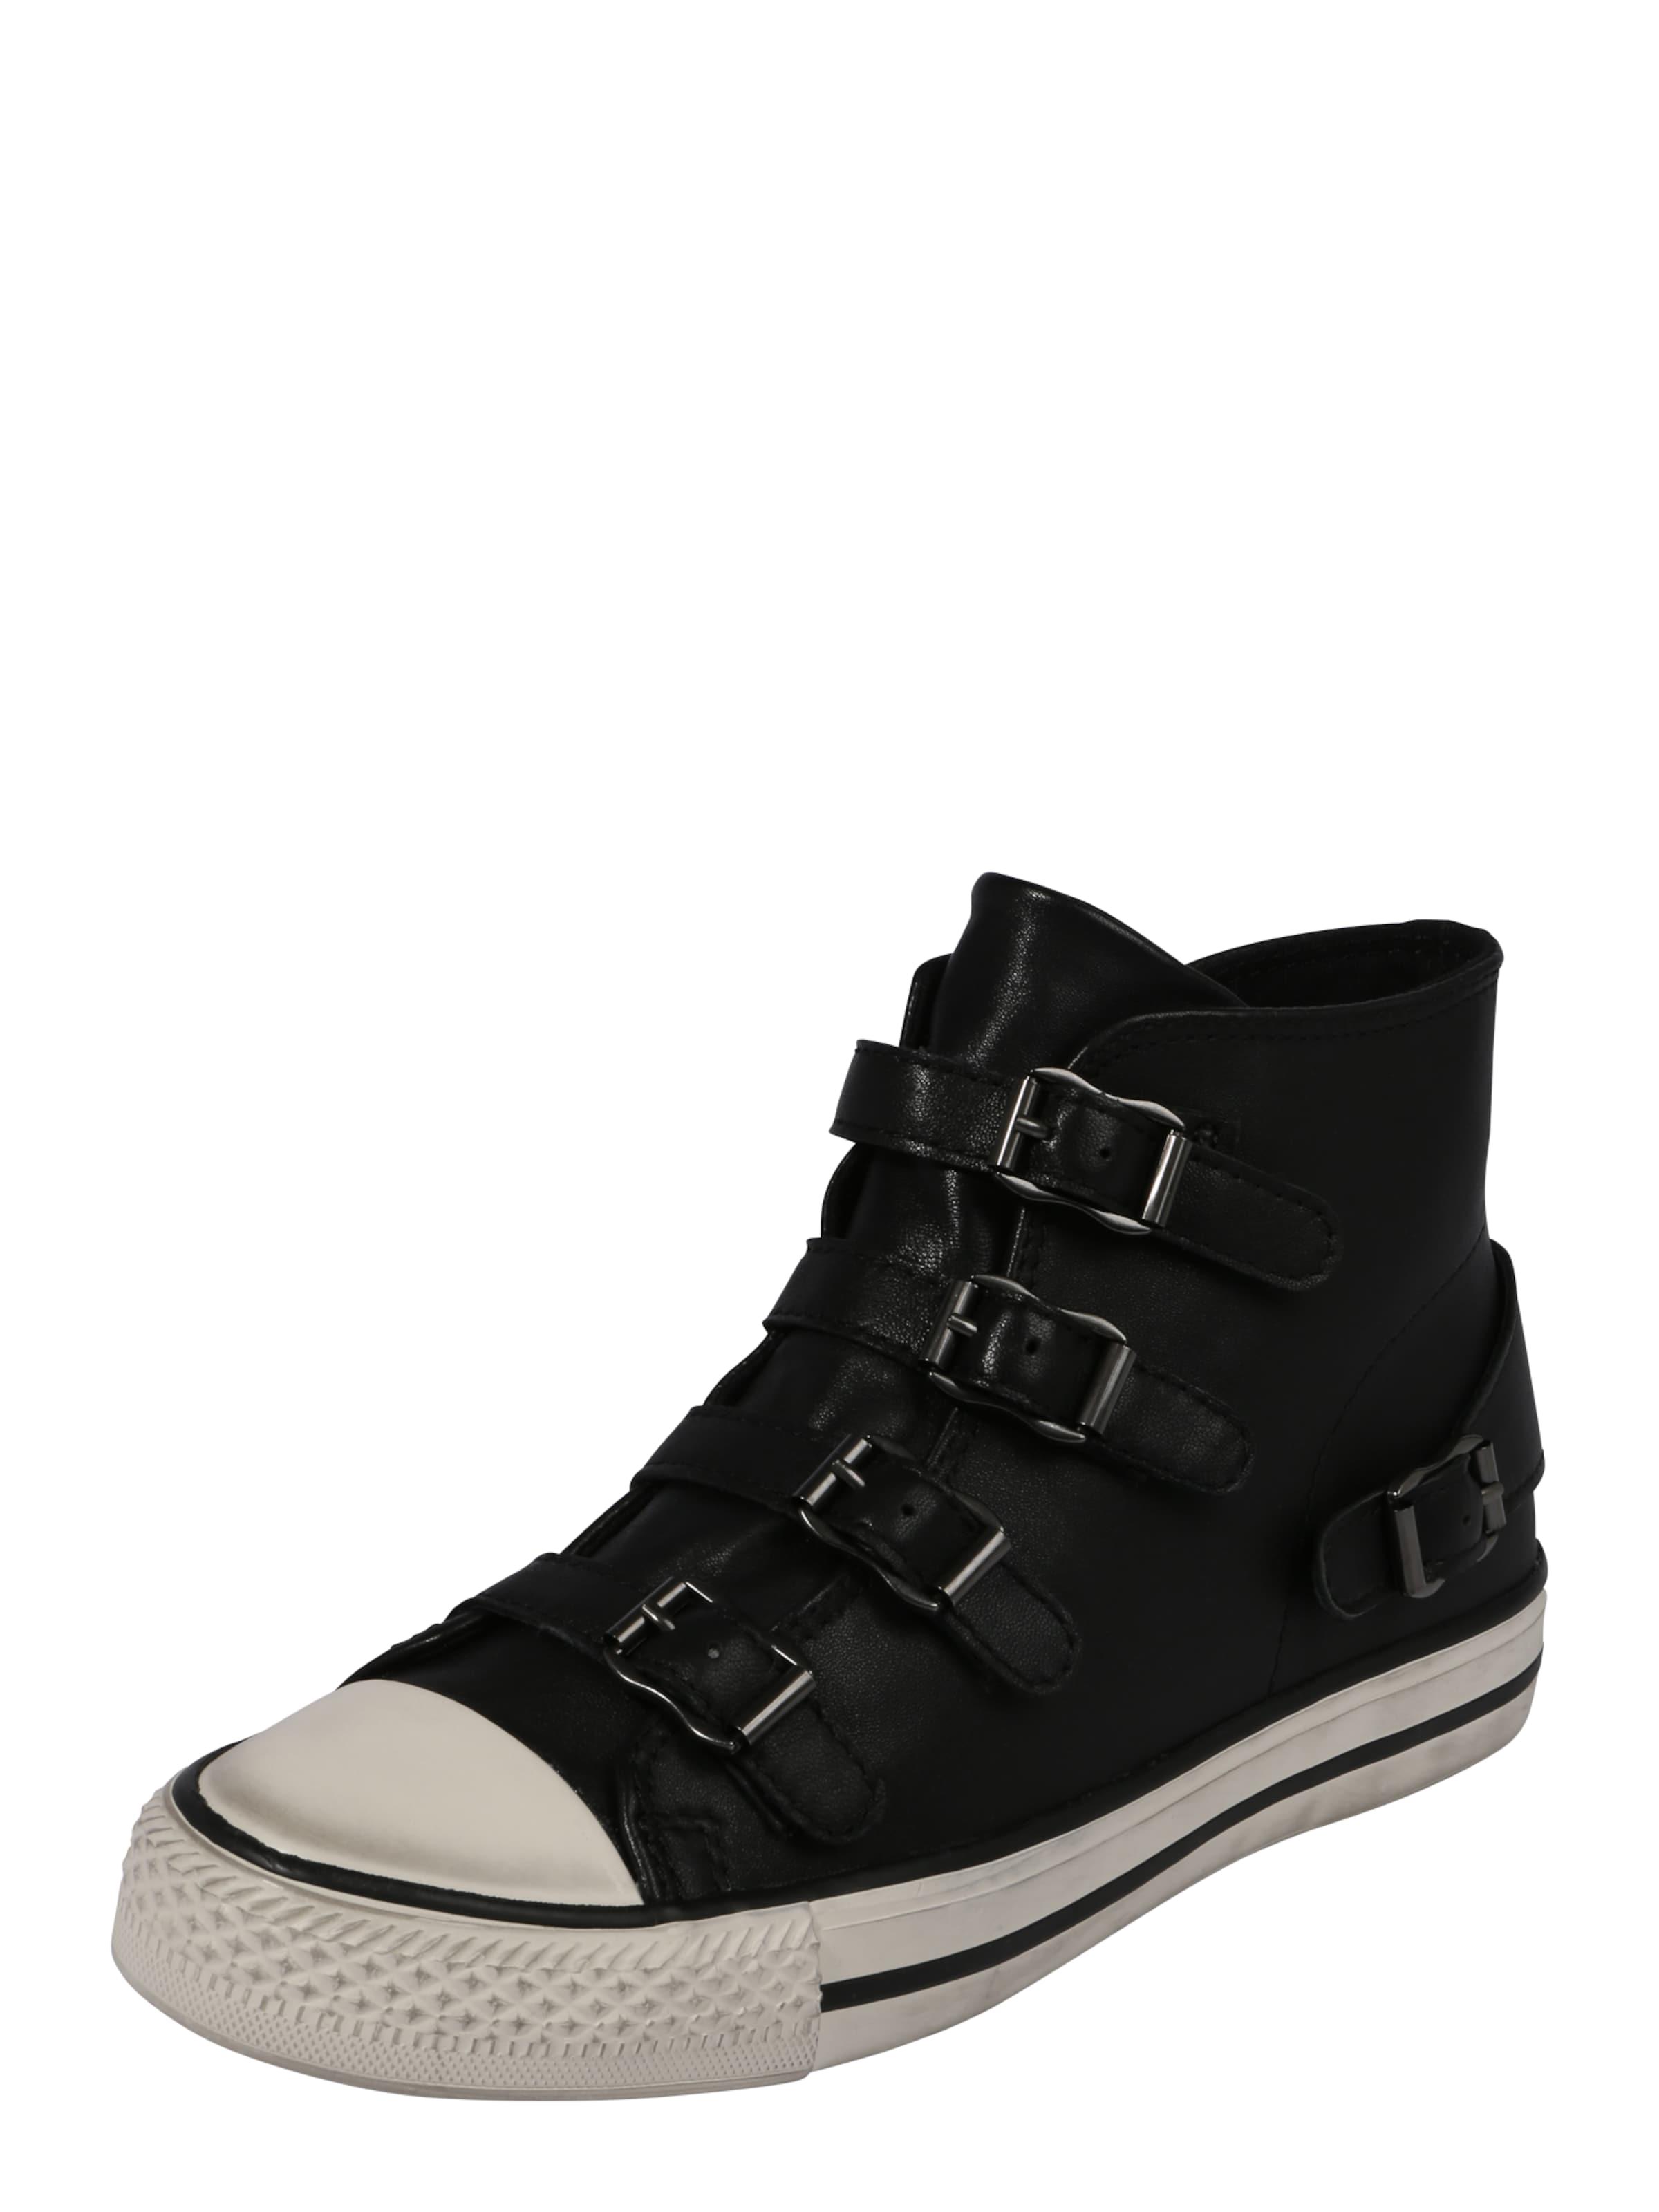 Kosten Online Auslass Zum Verkauf ASH Hoher Sneaker 'VENUS' mit Schnallen Outlet Rabatt Authentisch Billig Verkauf Neueste Billig Verkauf Breite Palette Von HILksK